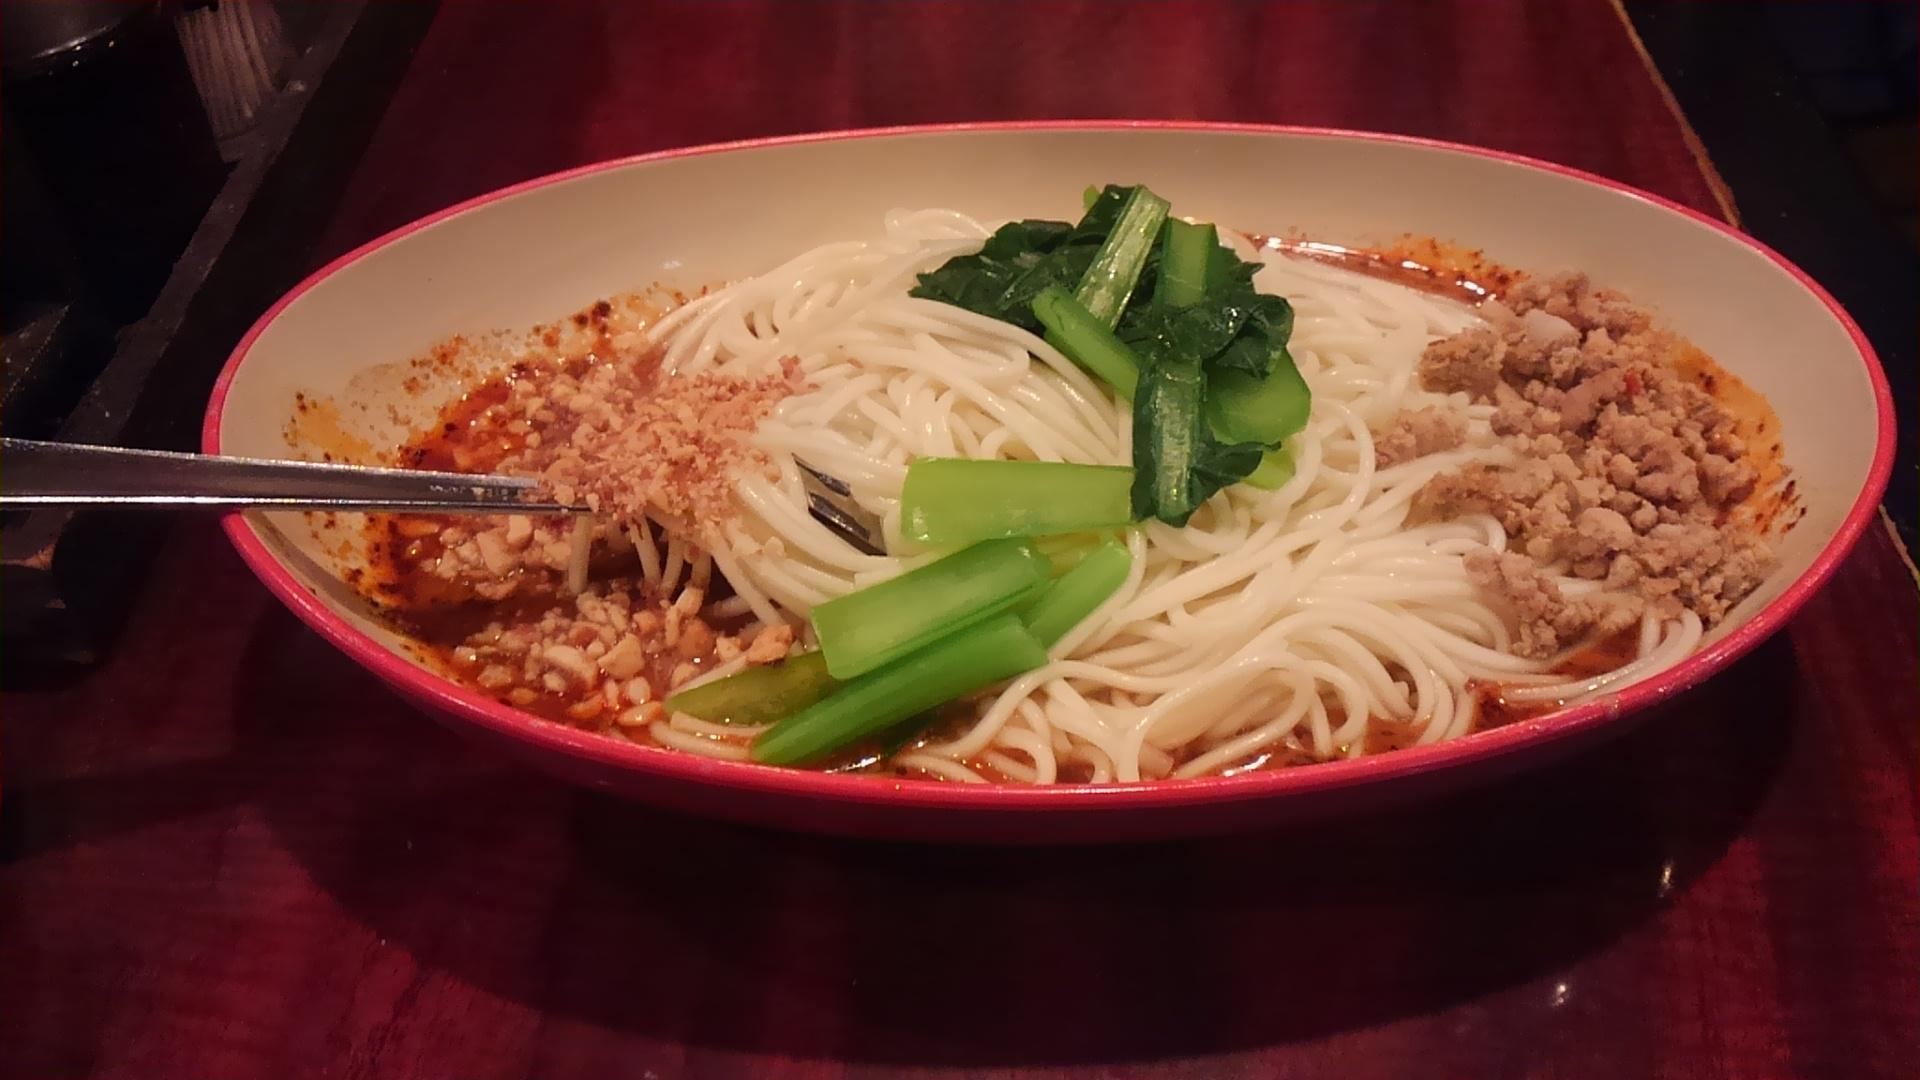 『孤独のグルメ』にも出た池袋の汁なし担々麺を食べてきた